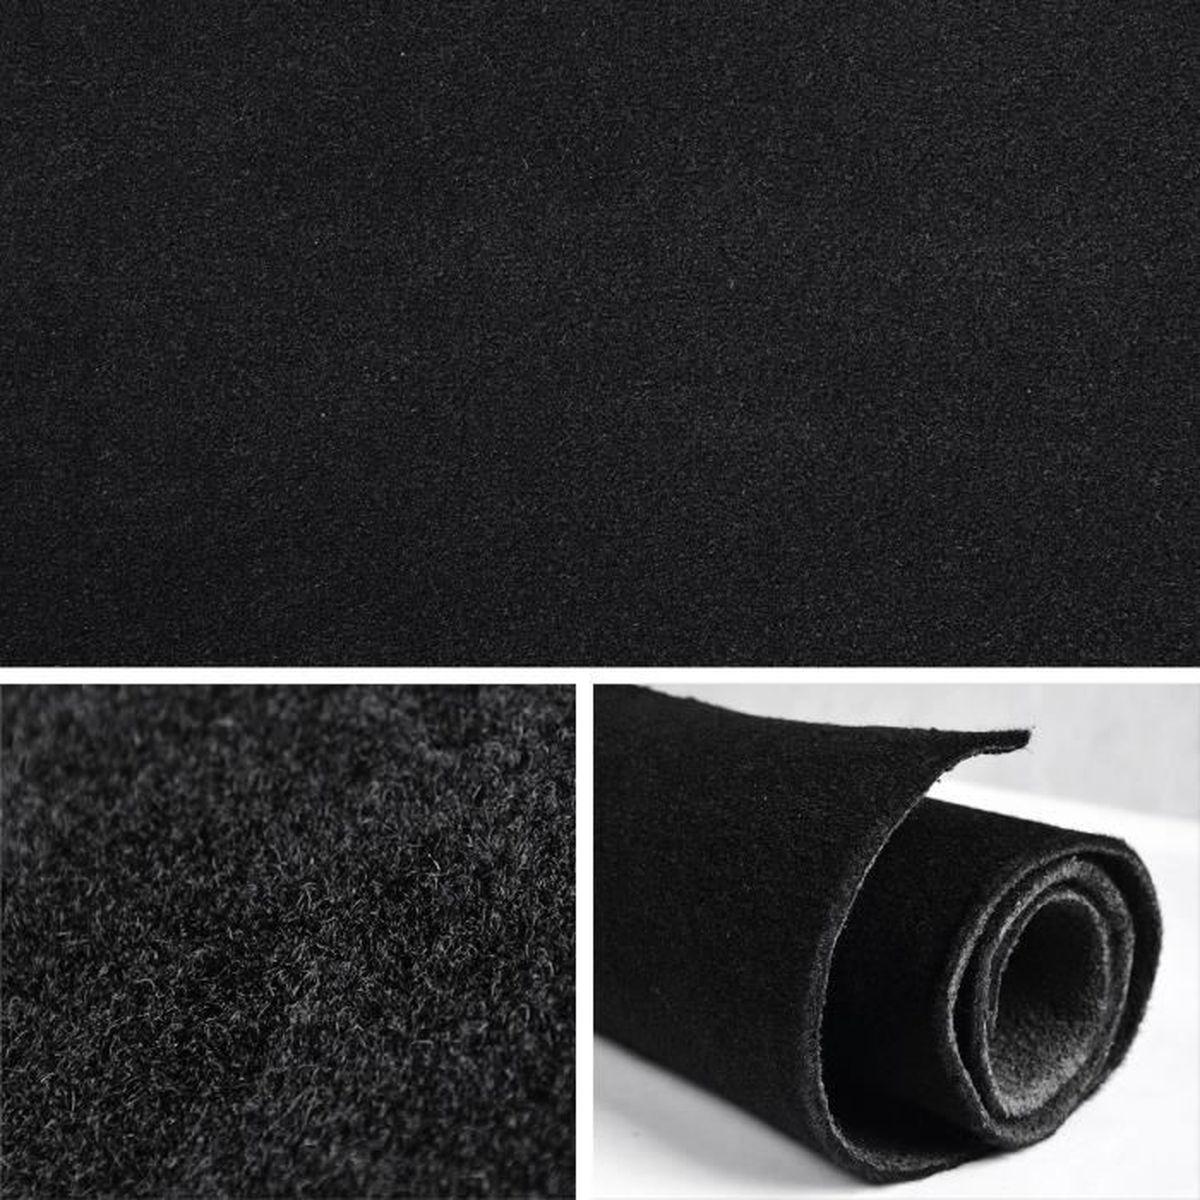 moquette de luxe noir achat vente voiture moquette de. Black Bedroom Furniture Sets. Home Design Ideas